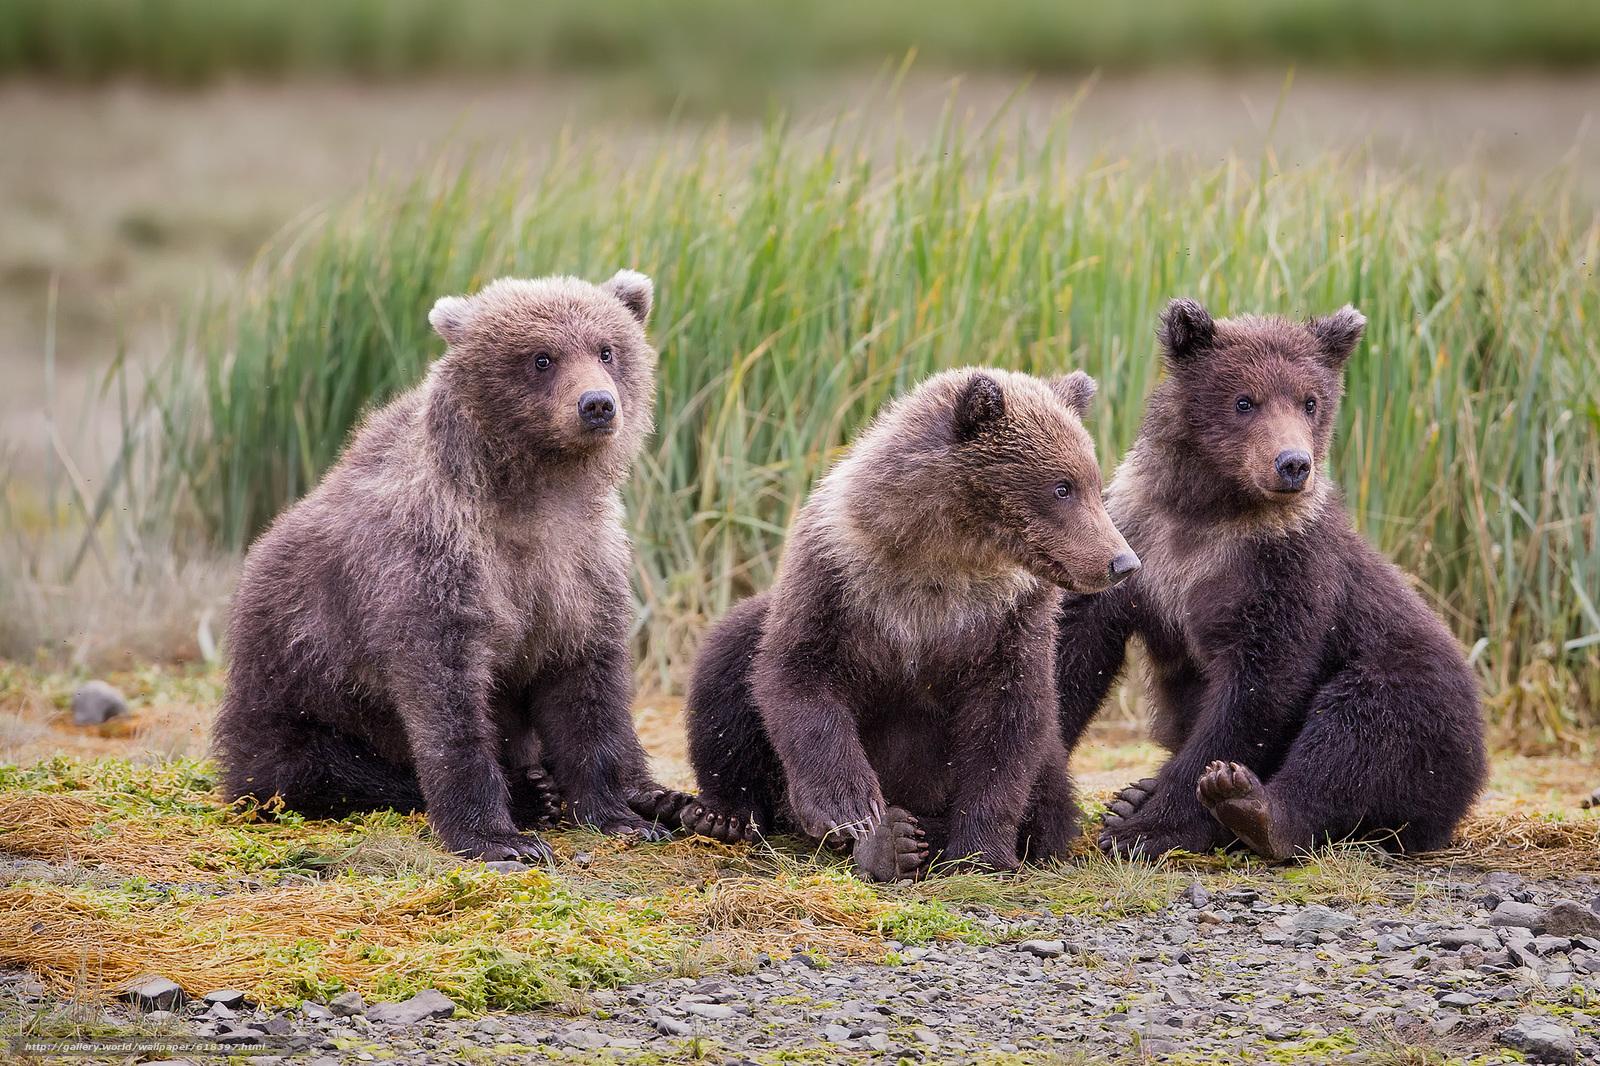 下载壁纸 卡特迈国家公园,  阿拉斯加州,  熊,  熊 免费为您的桌面分辨率的壁纸 2048x1365 — 图片 №618397